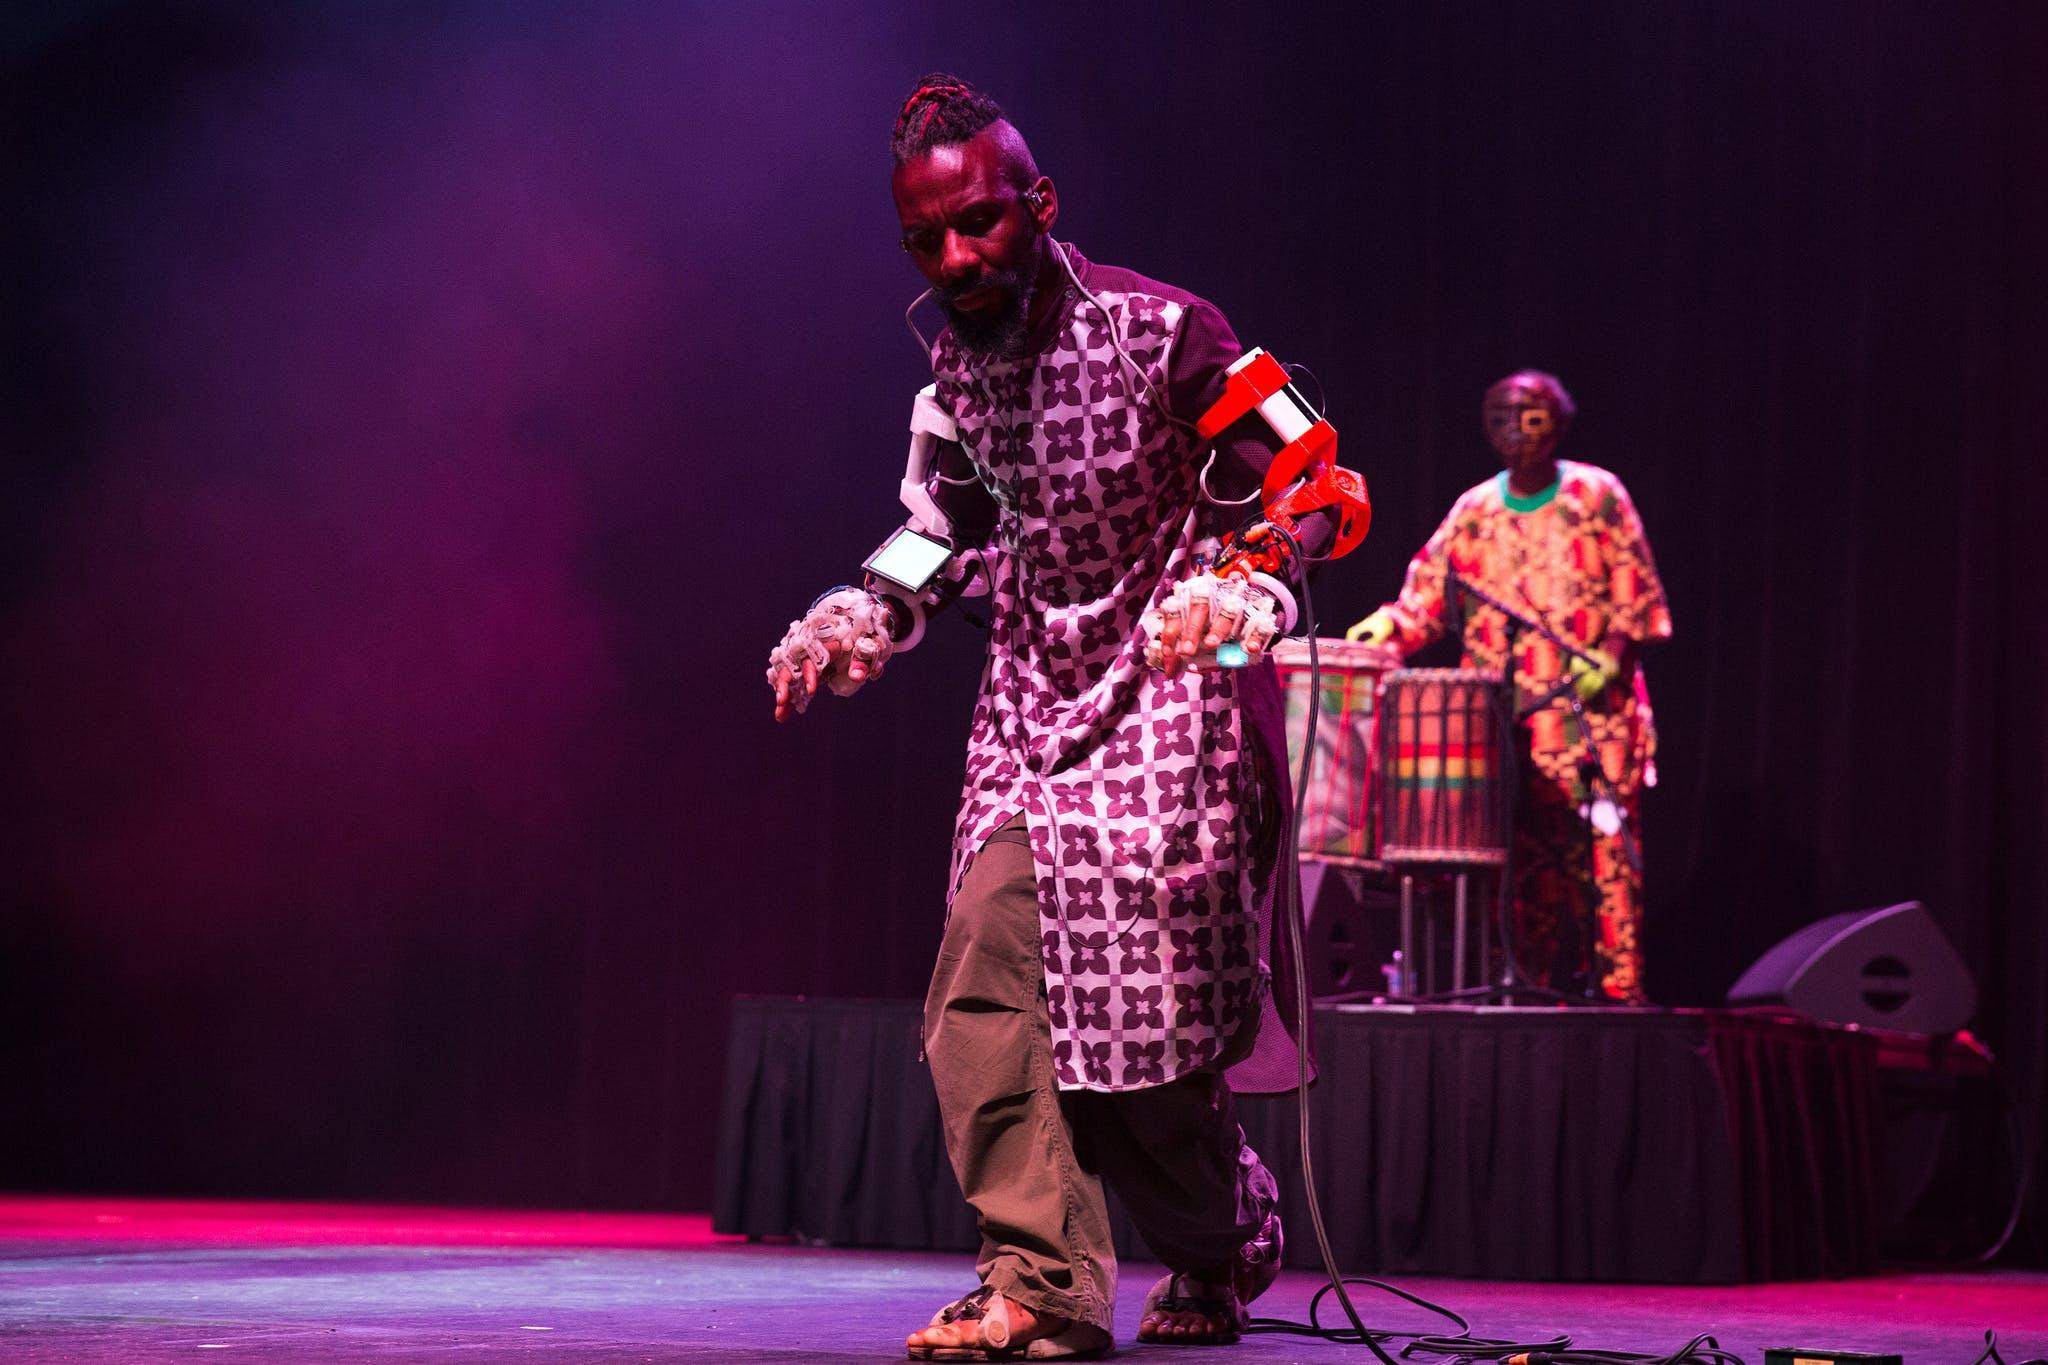 <p><em>Performance by Detroit Afrikan Funkestra.</em></p>